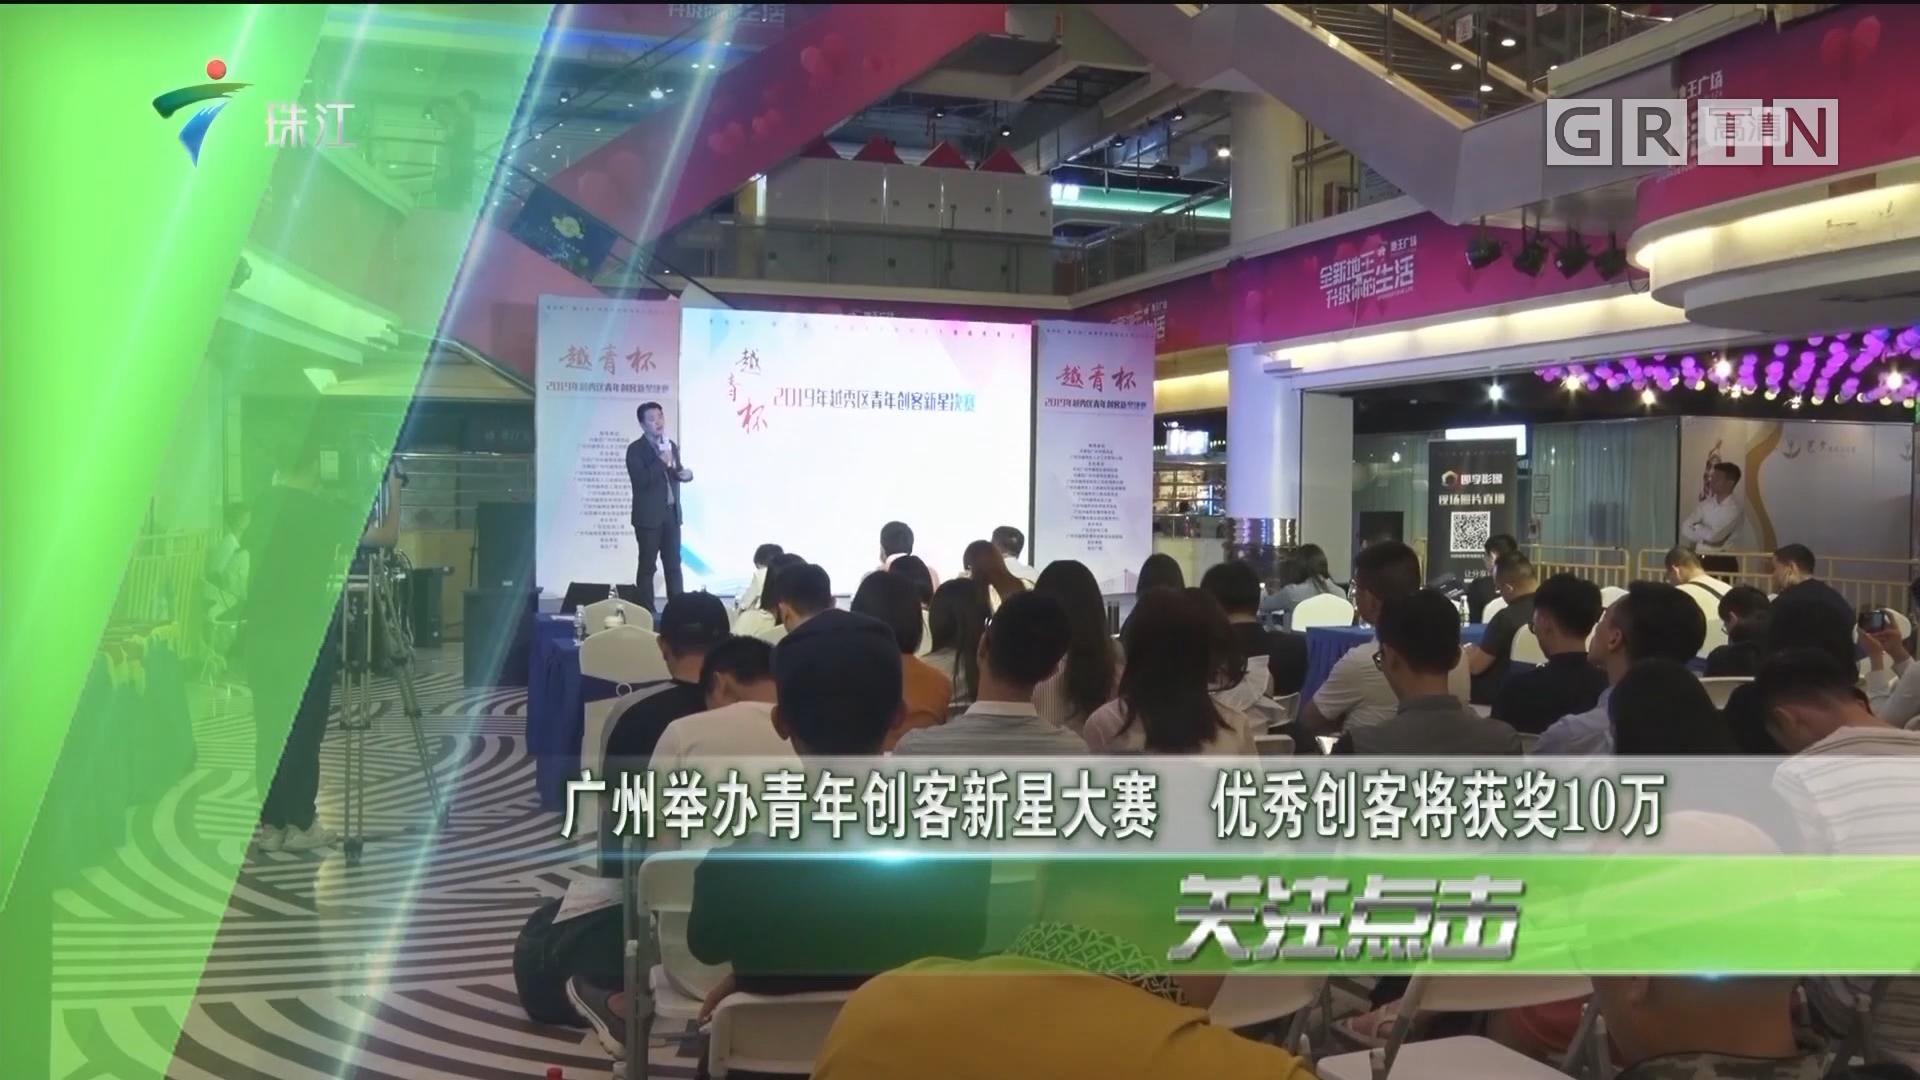 广州举办青年创客新星大赛 优秀创客将获奖10万